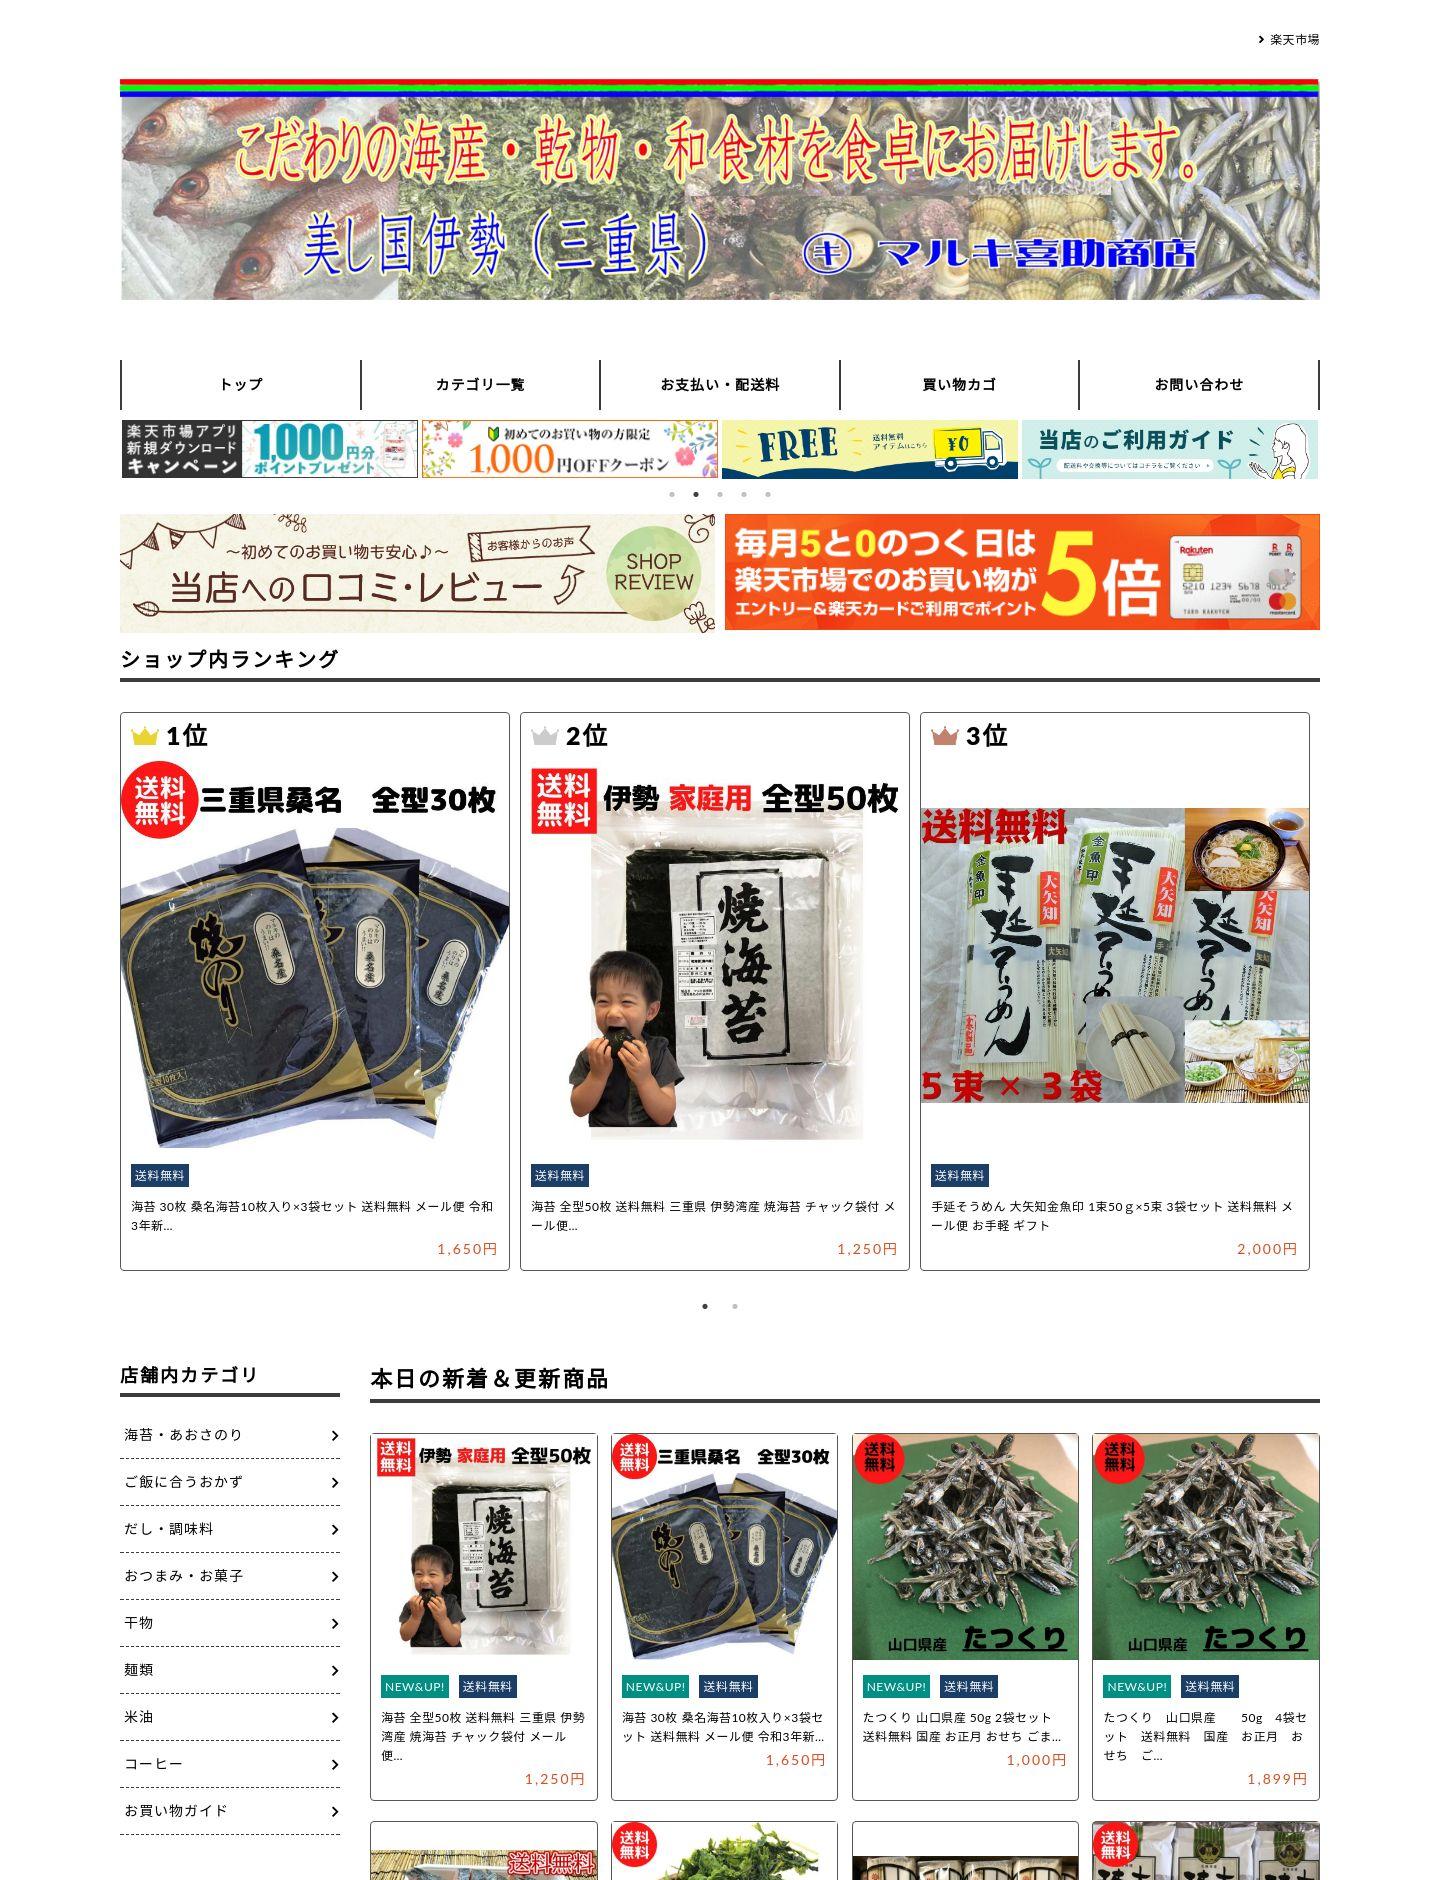 マルキ喜助商店様 サイト画像